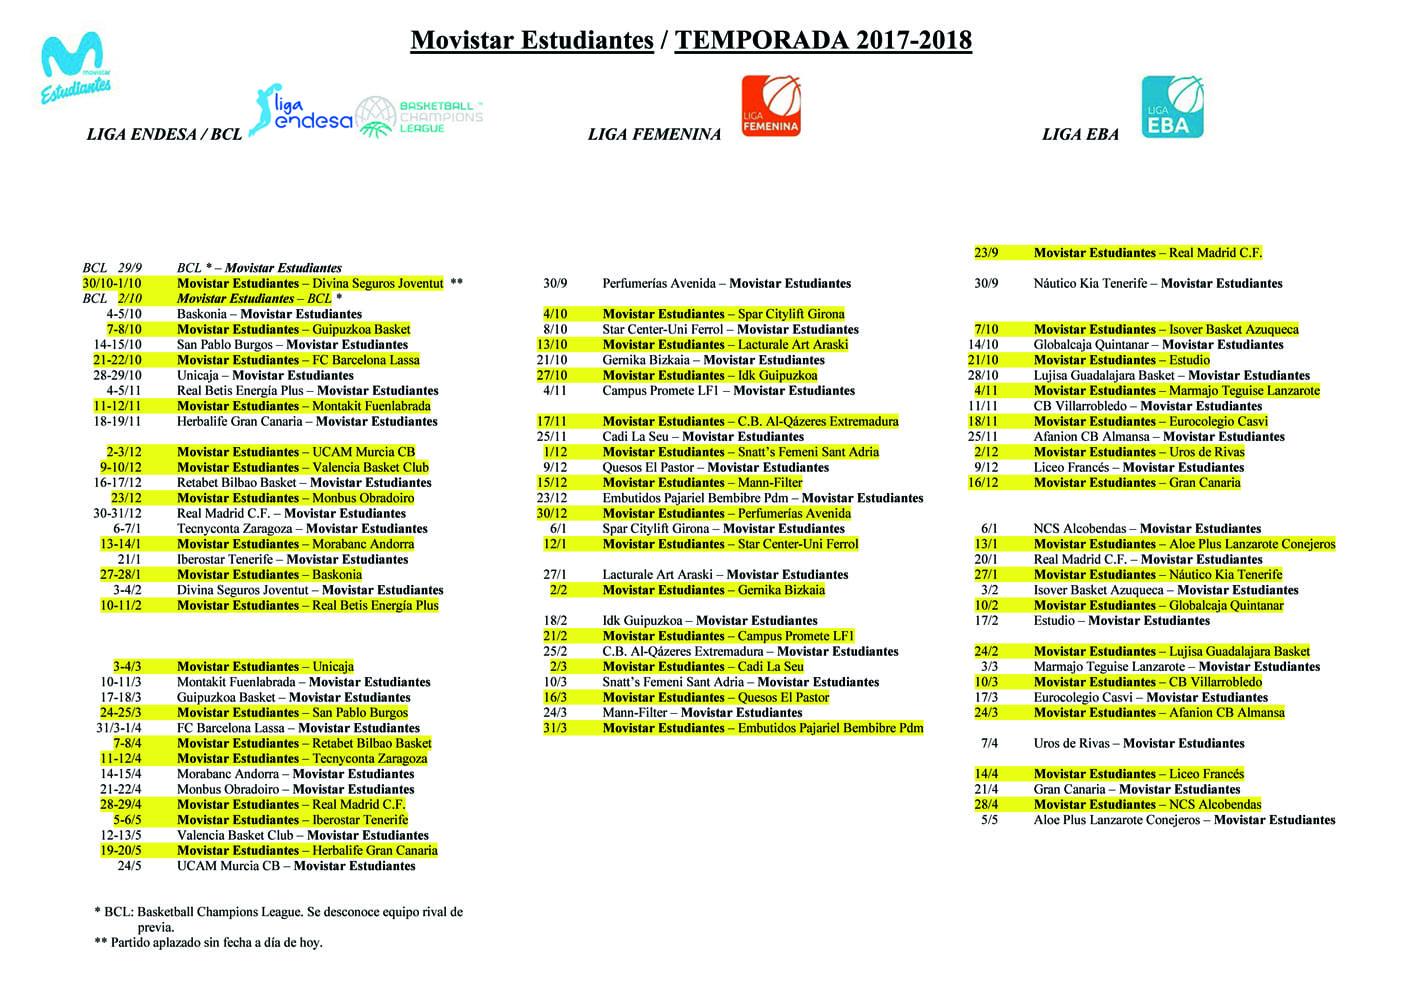 Descárgate el calendario de Movistar Estudiantes 2017-18 en Liga Endesa, BCL, Liga Femenina y Liga EBA